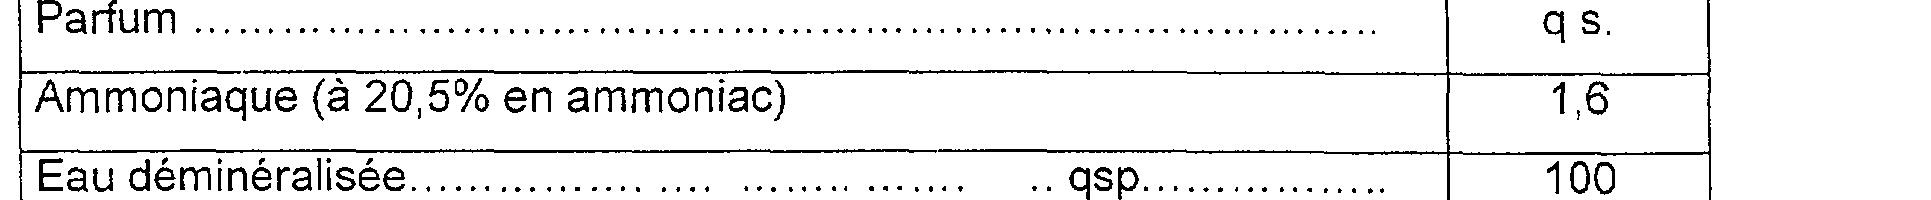 Figure img00490006